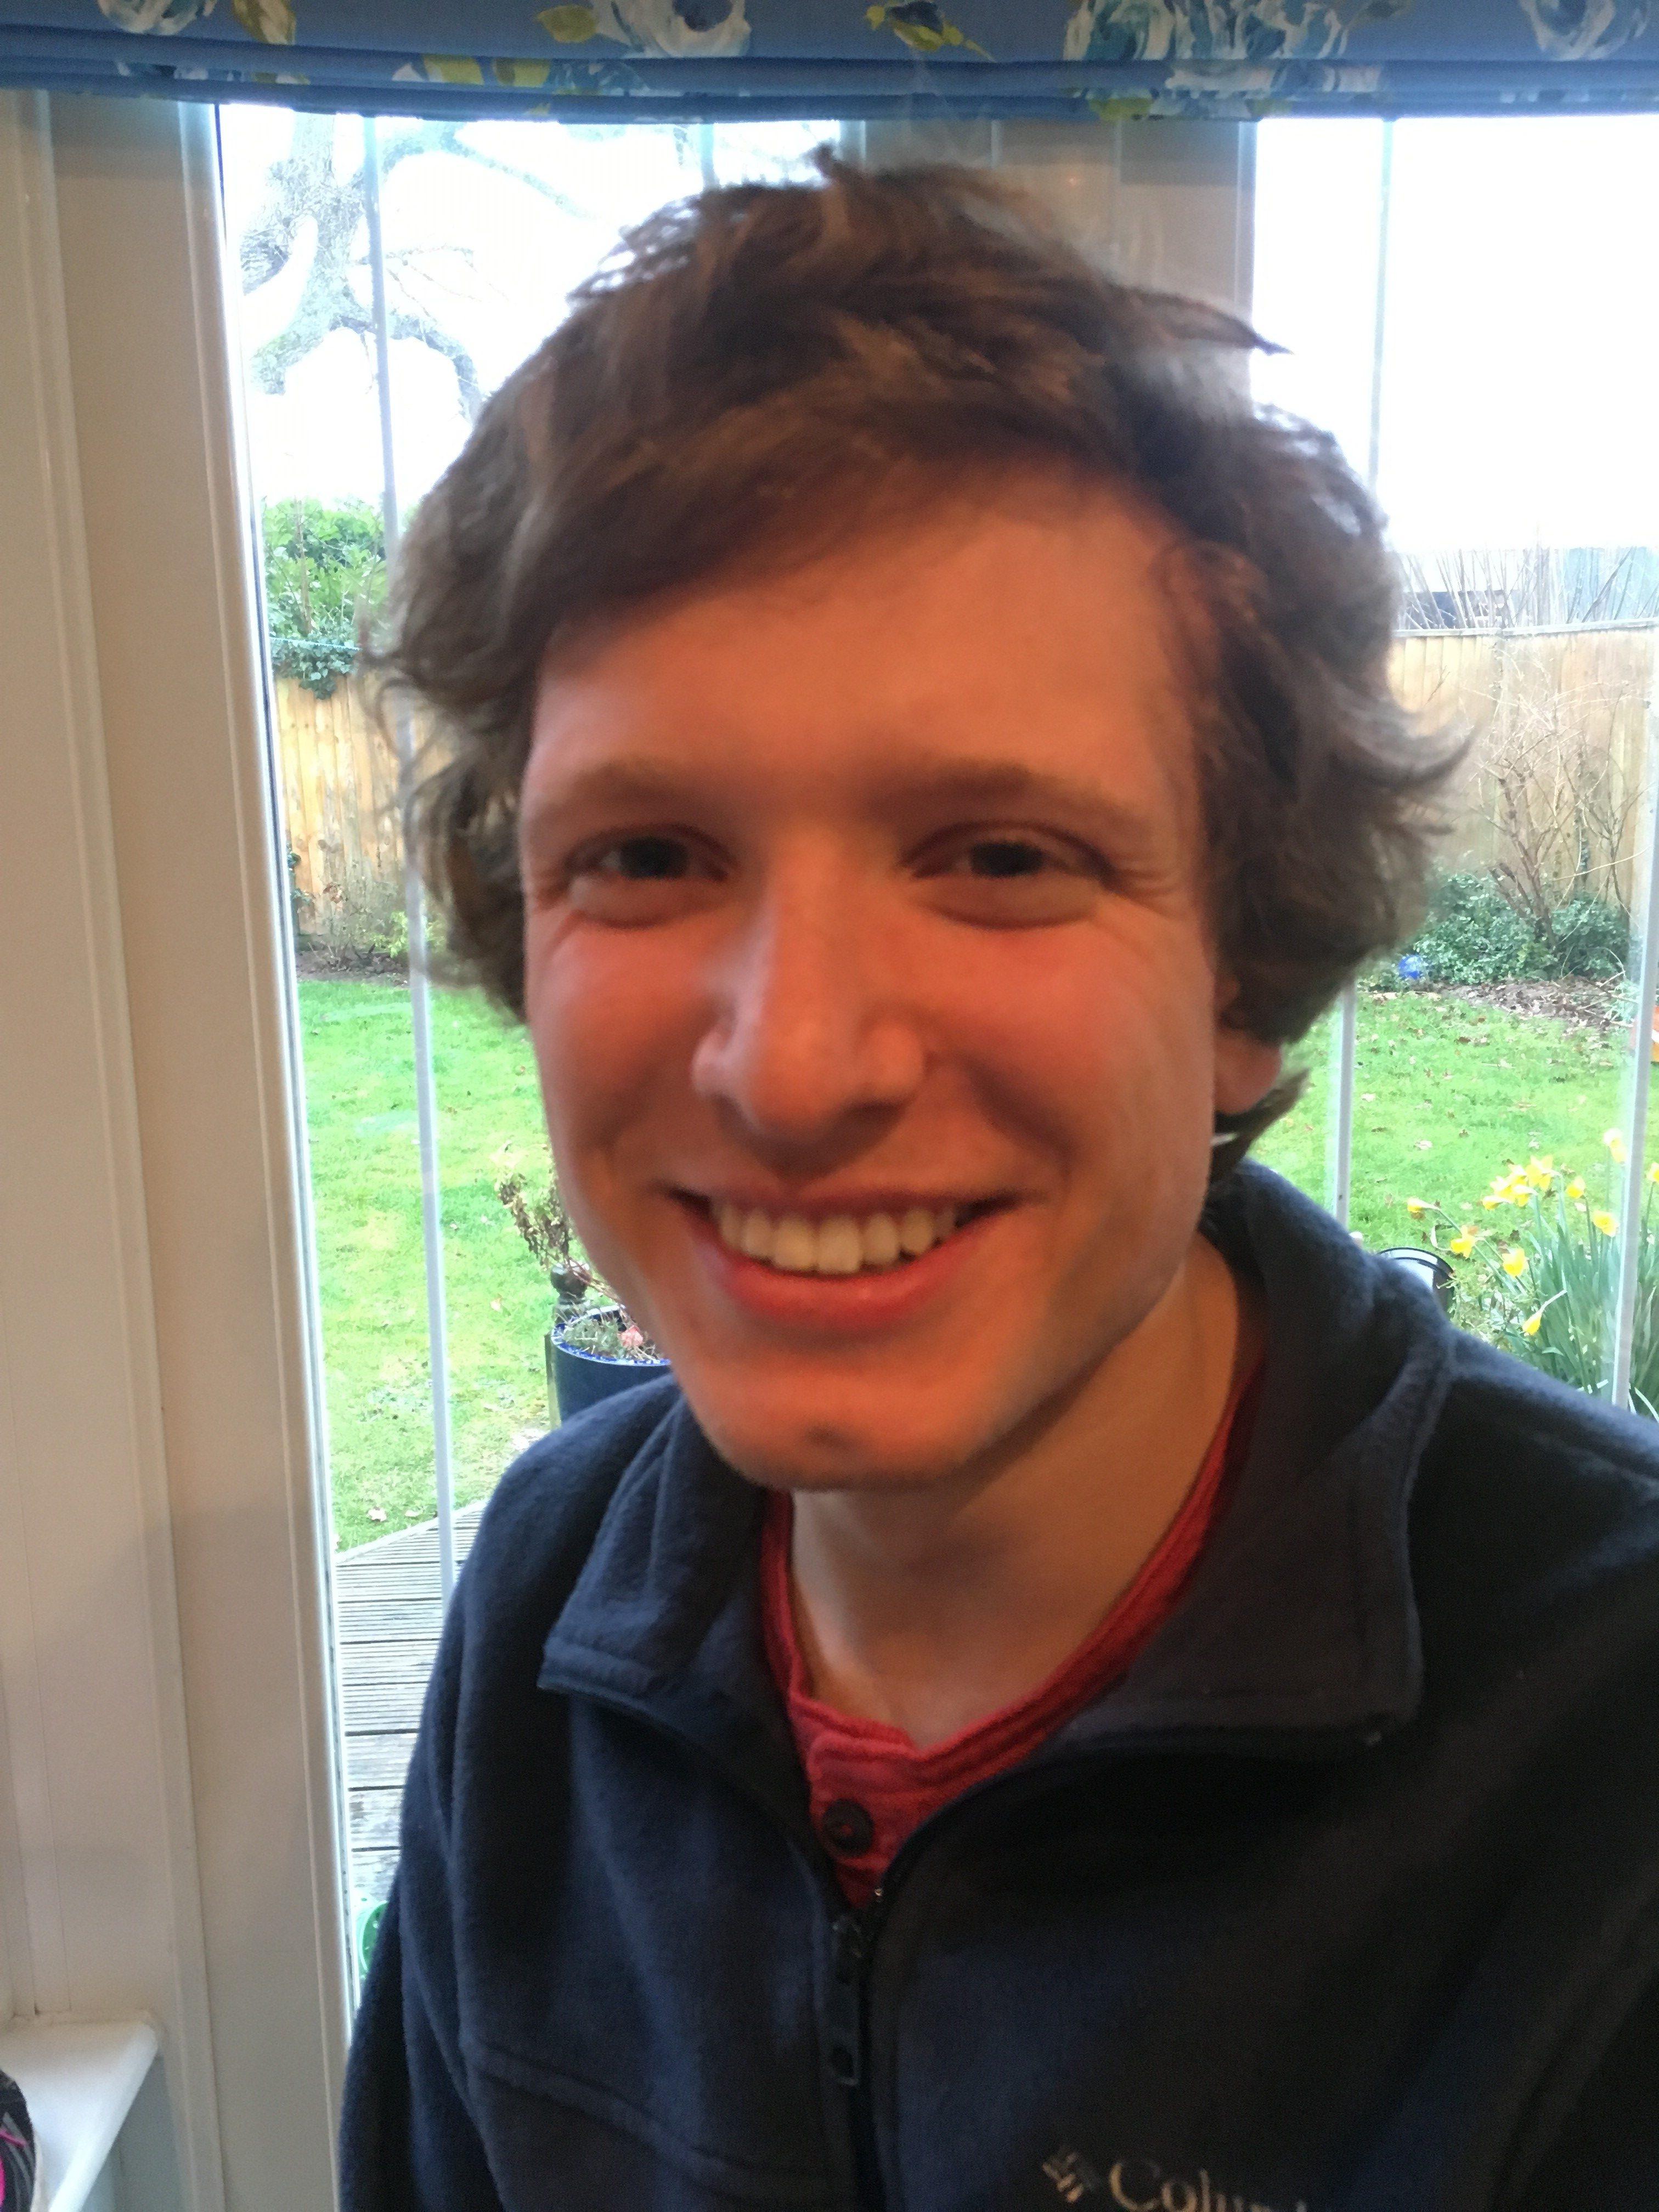 Finn Schuele - Senior Research Assistant